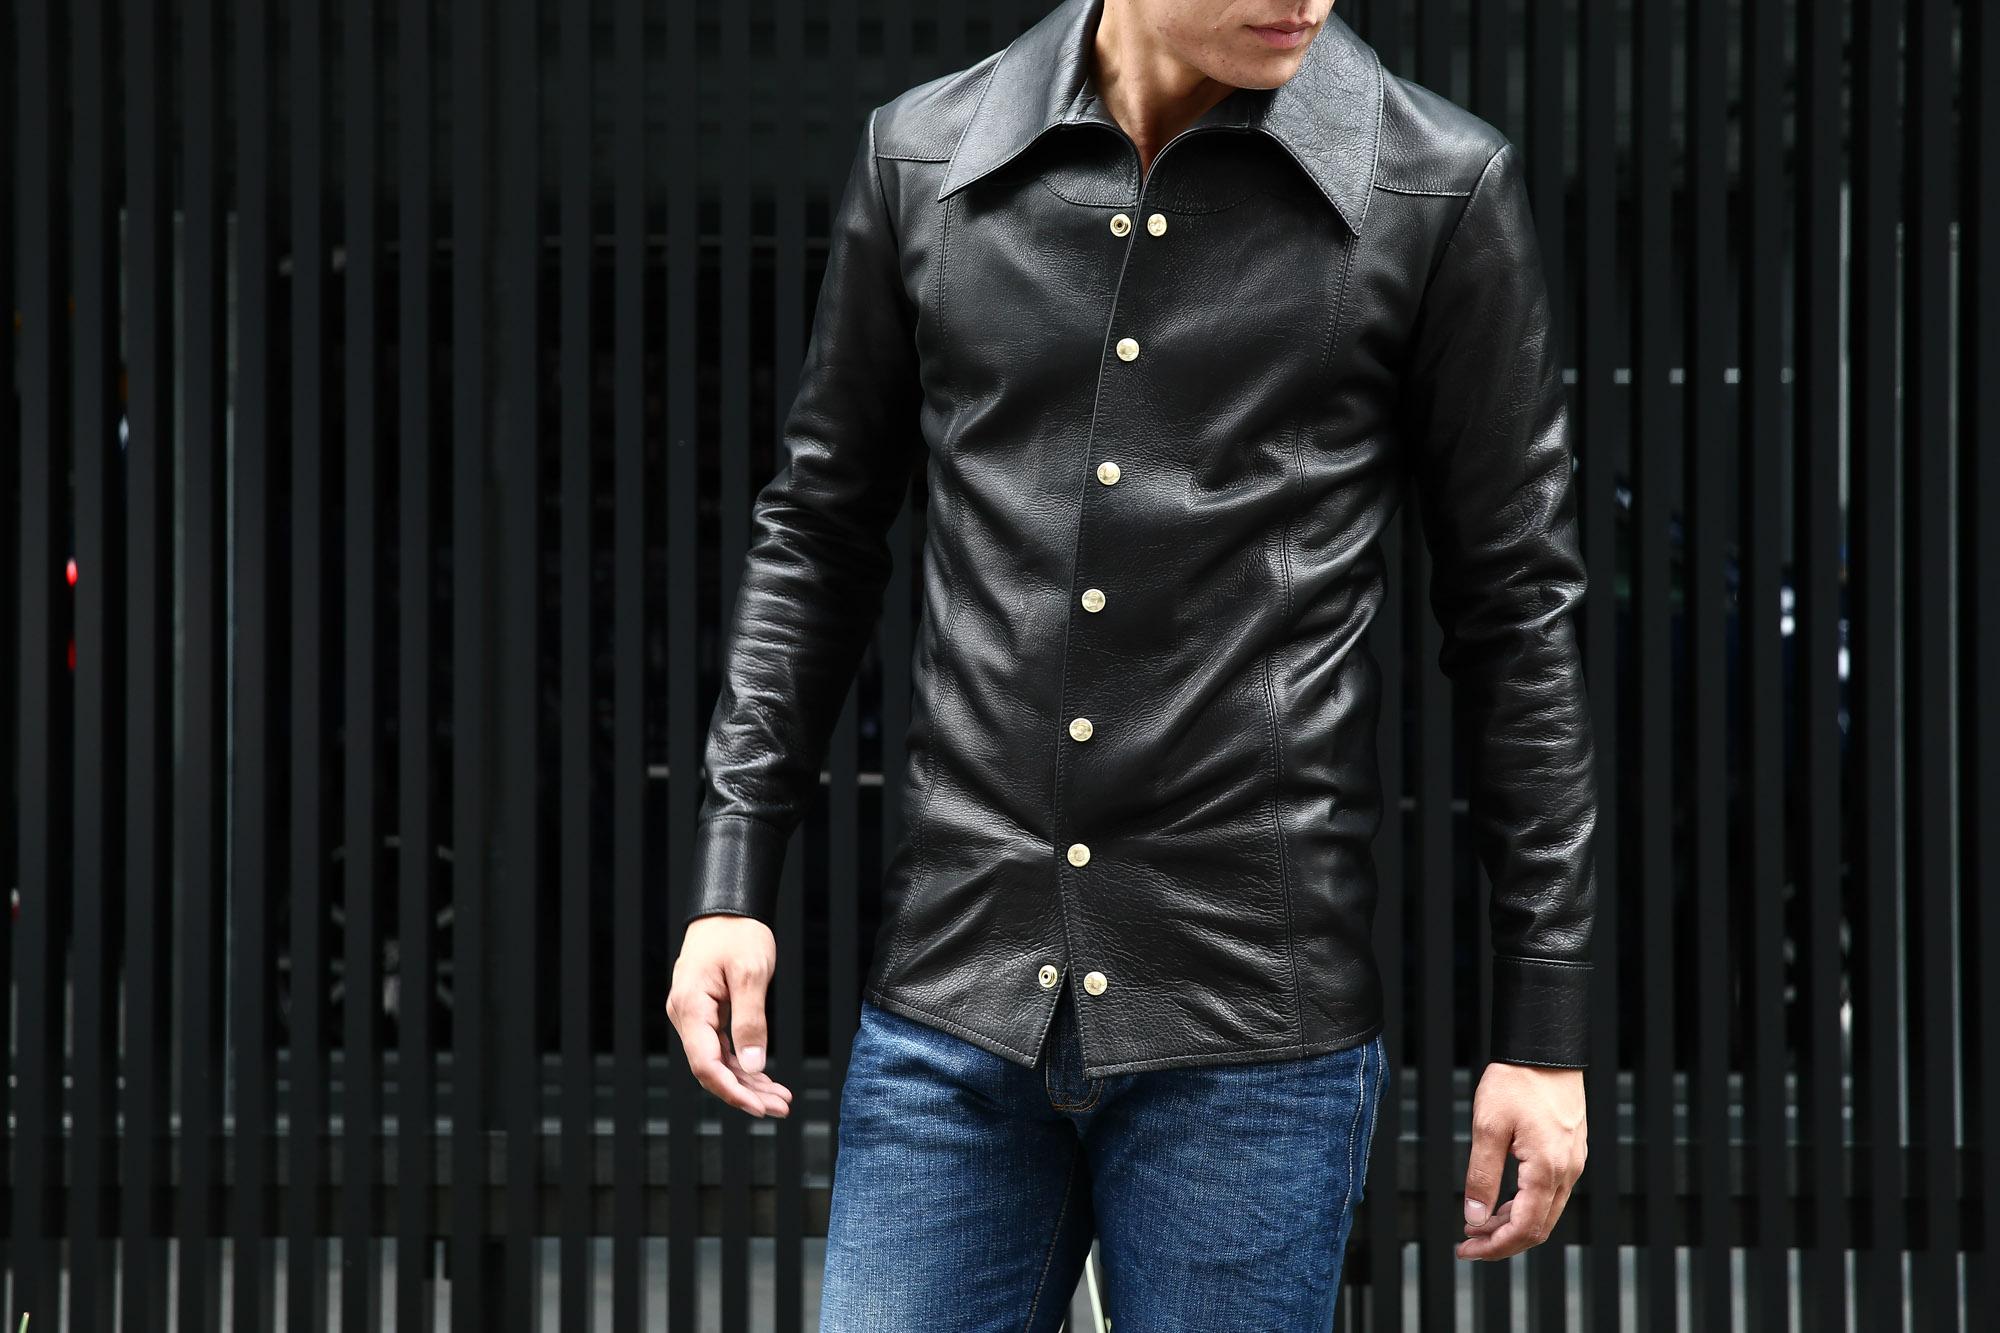 South Paradiso Leather(サウスパラディソレザー) East West(イーストウエスト) ILLUMINATI RAINBOW SHIRTS(イルミナティレインボーシャツ) レザーシャツ BLACK(ブラック) バックスタイル画像。